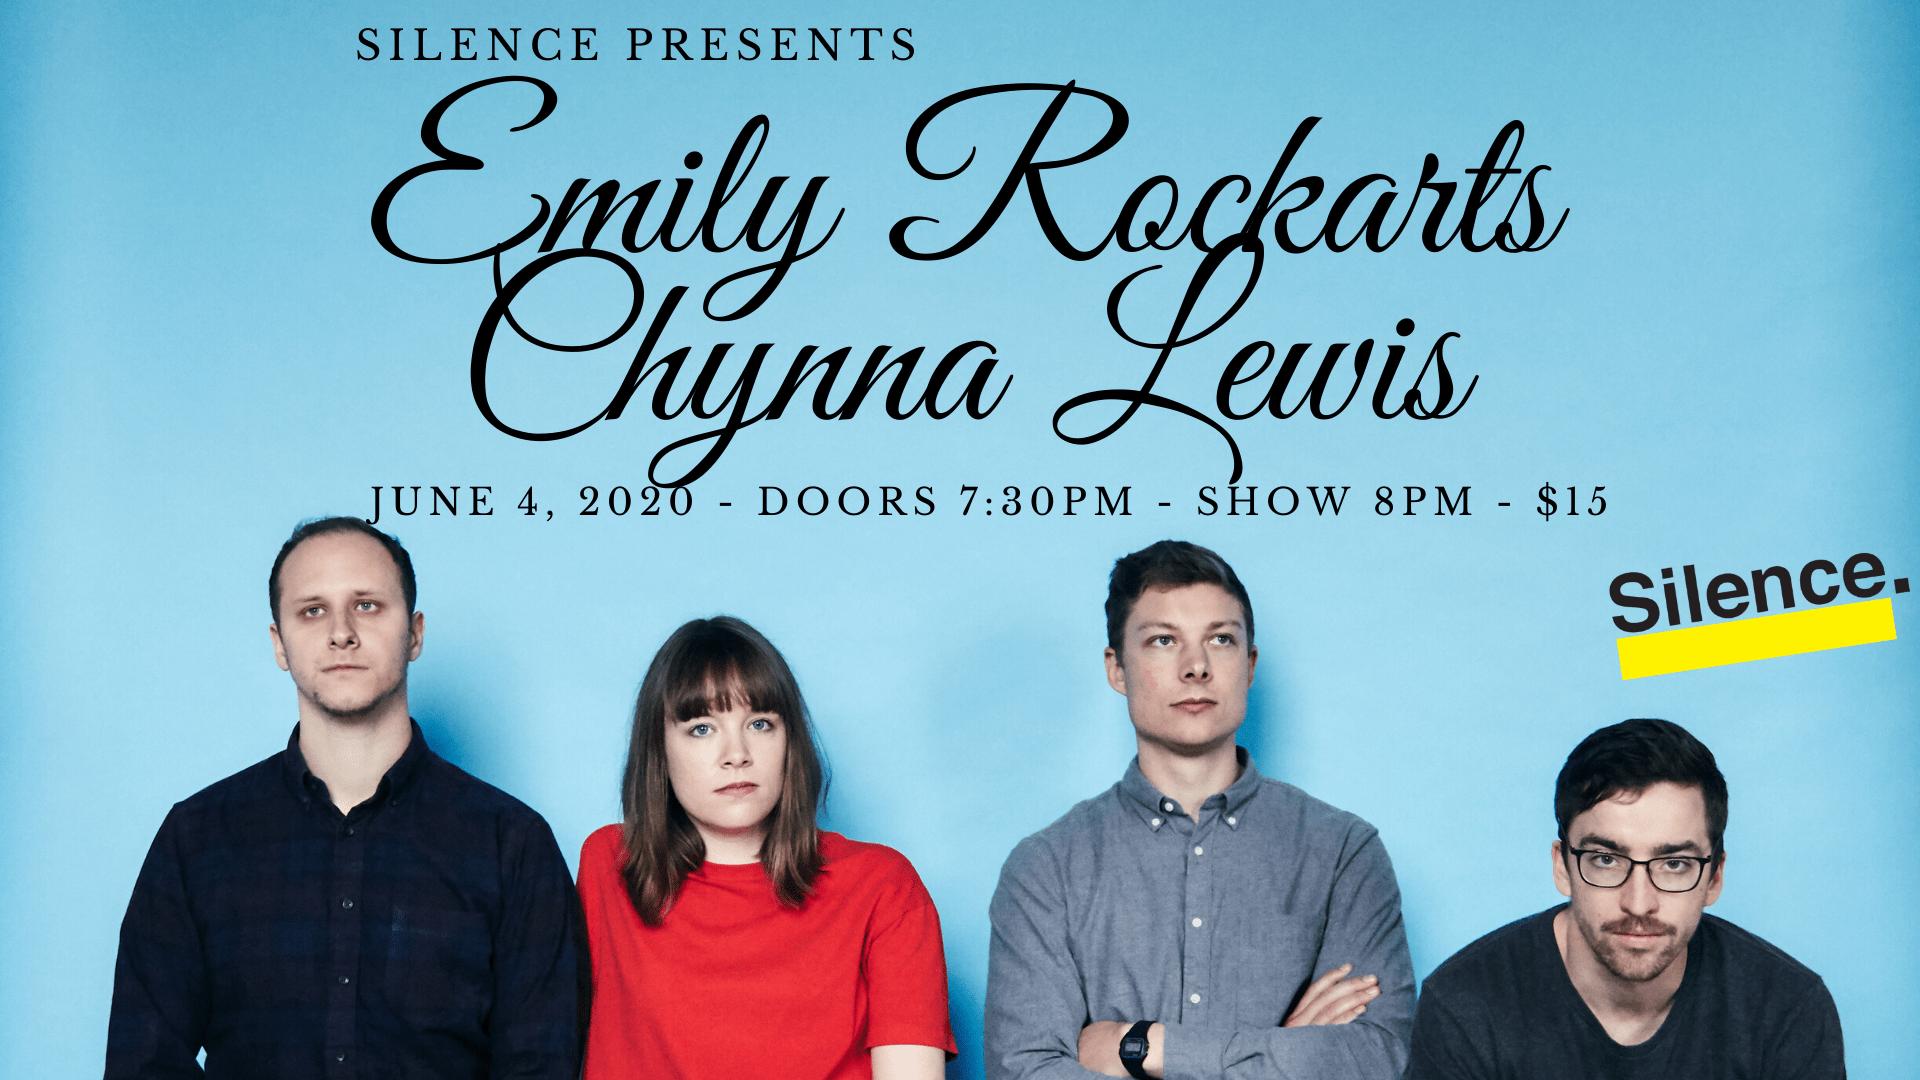 SP Emily Rockarts & Chynna Lewis